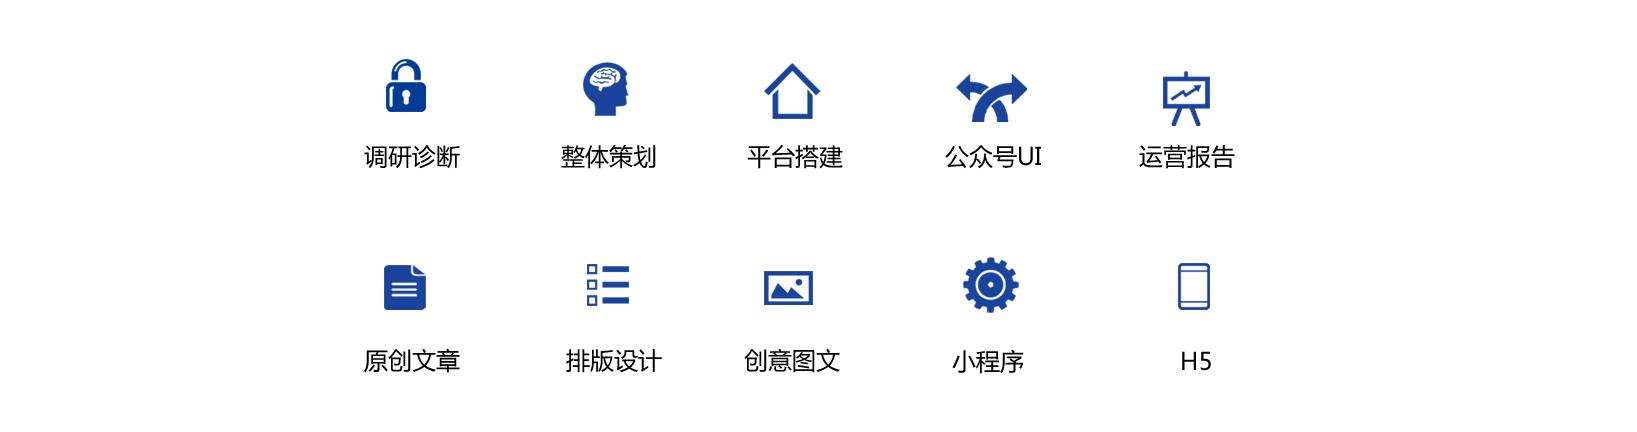 微信代运营-成都中哲企业管理咨询有限公司.png